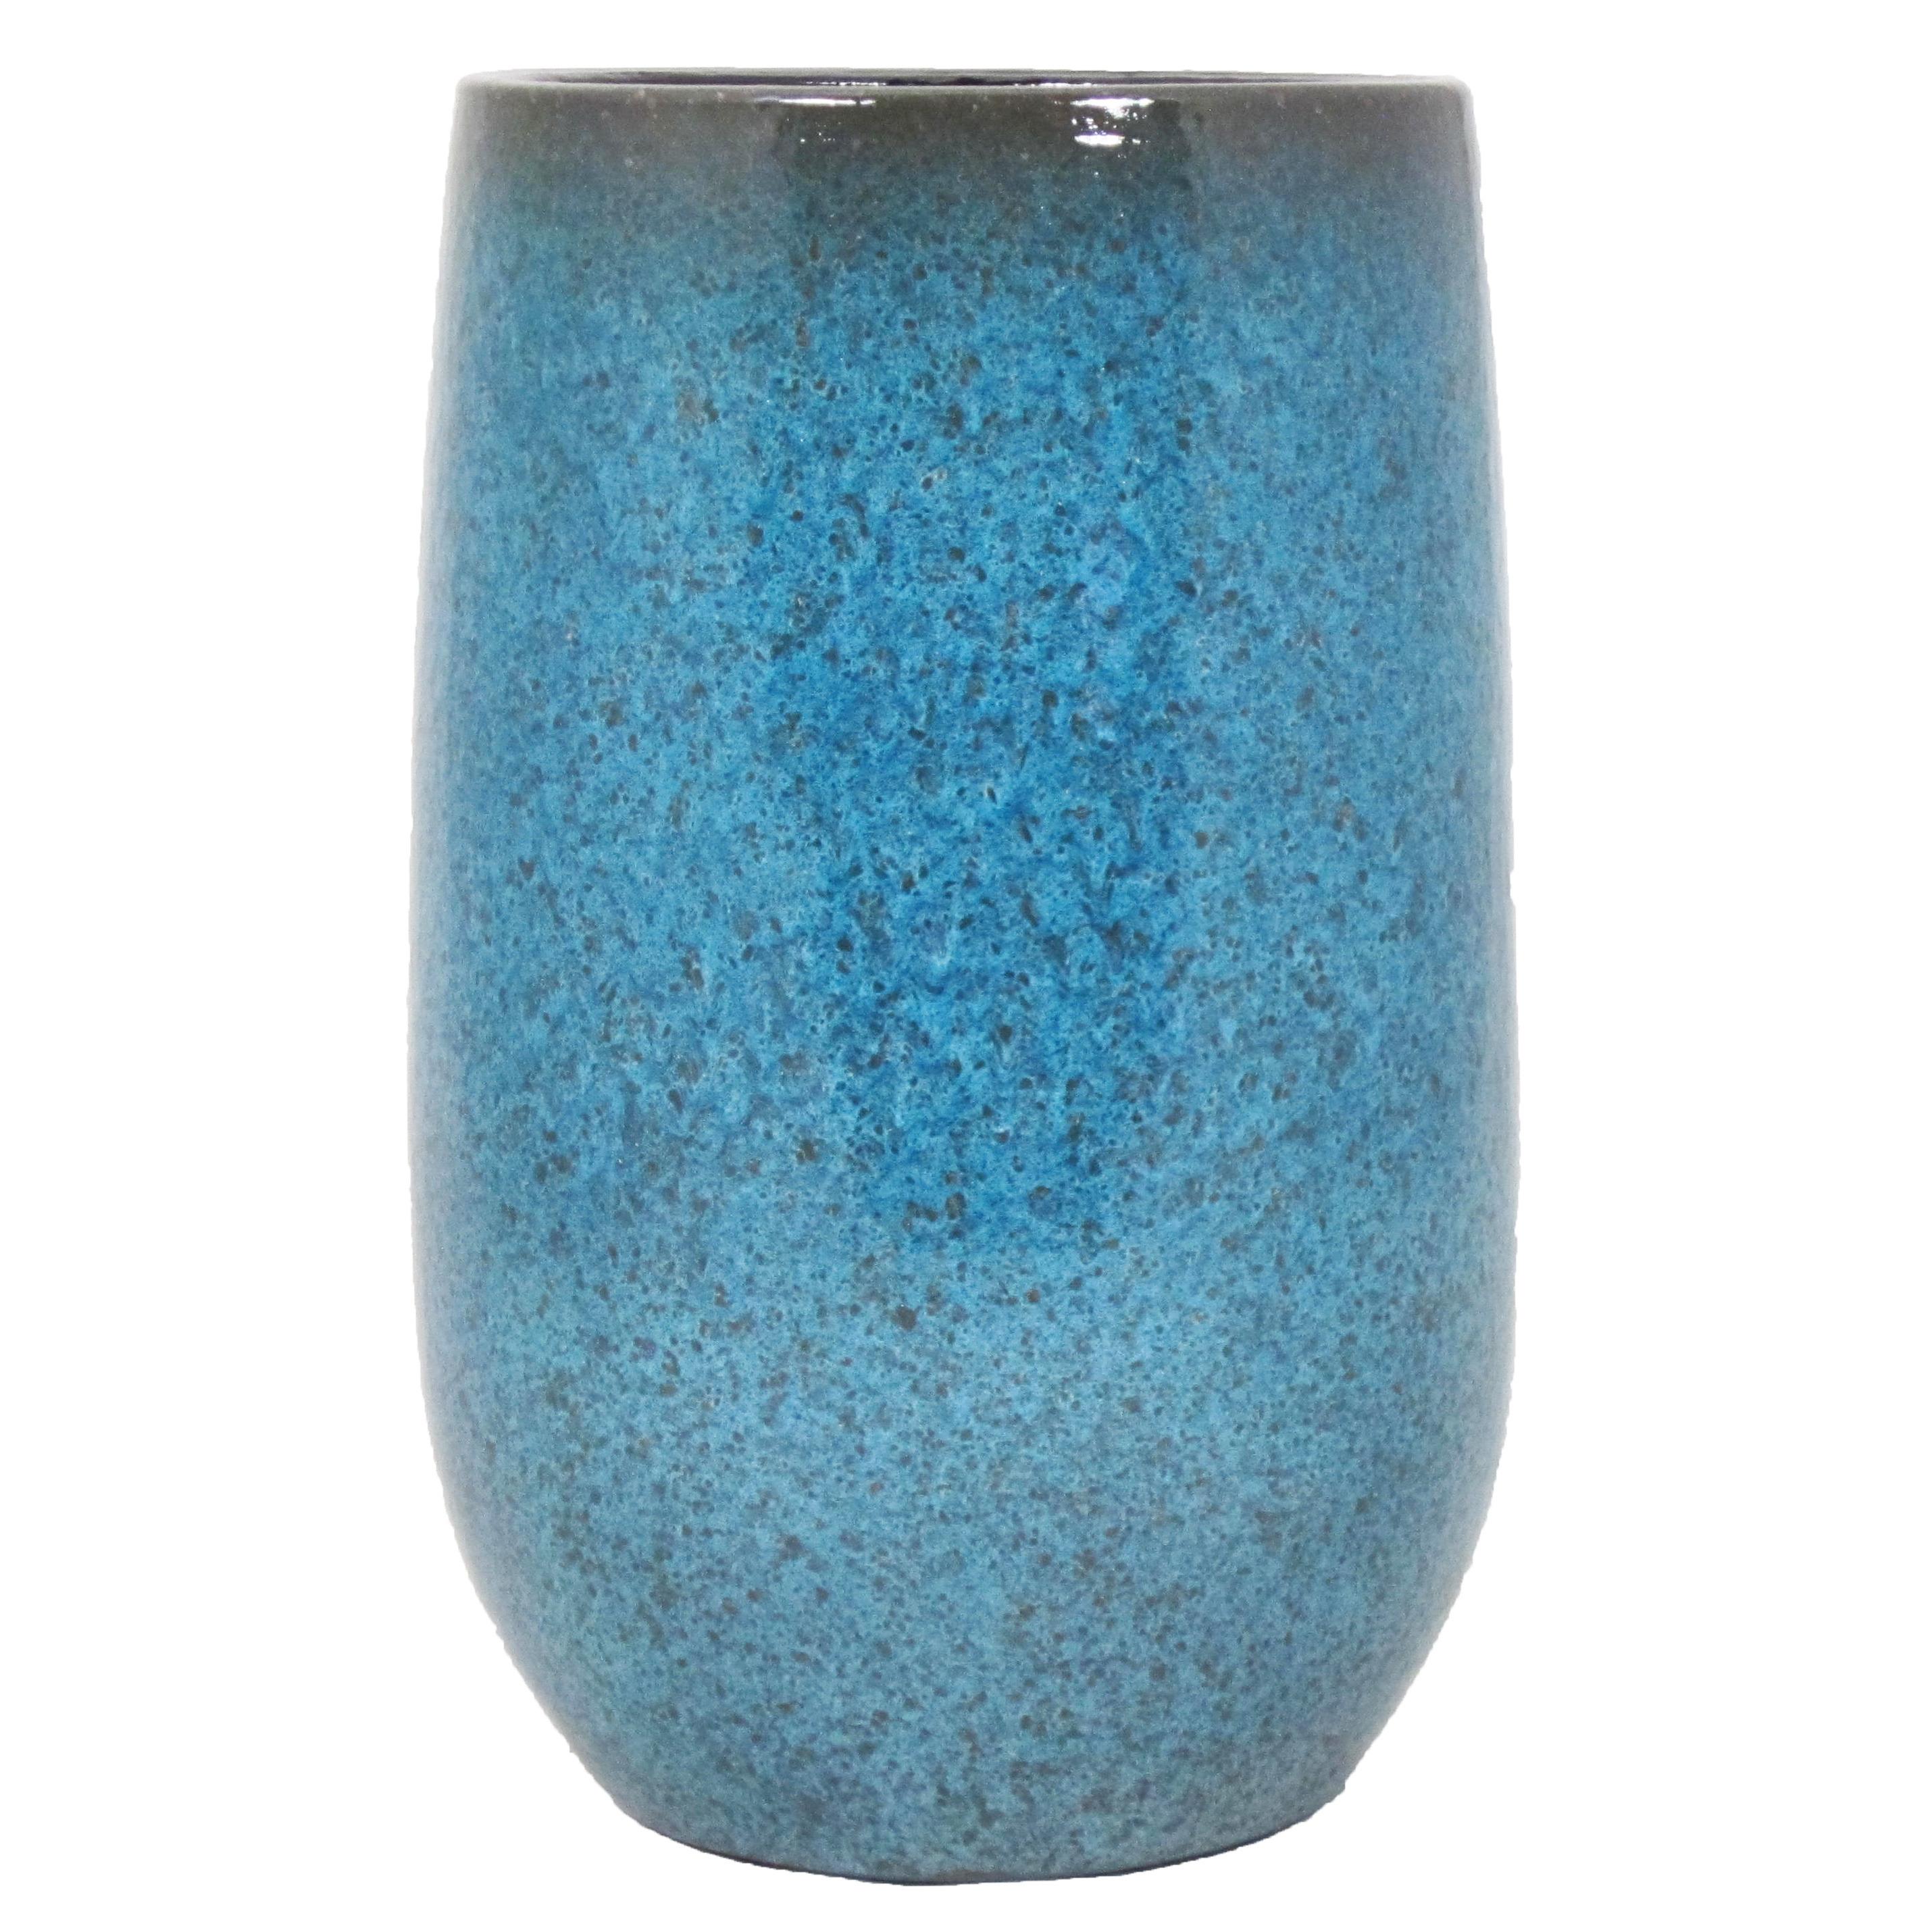 Bloempot vaas blauw flakes keramiek voor bloemen-planten H30 x D19 cm